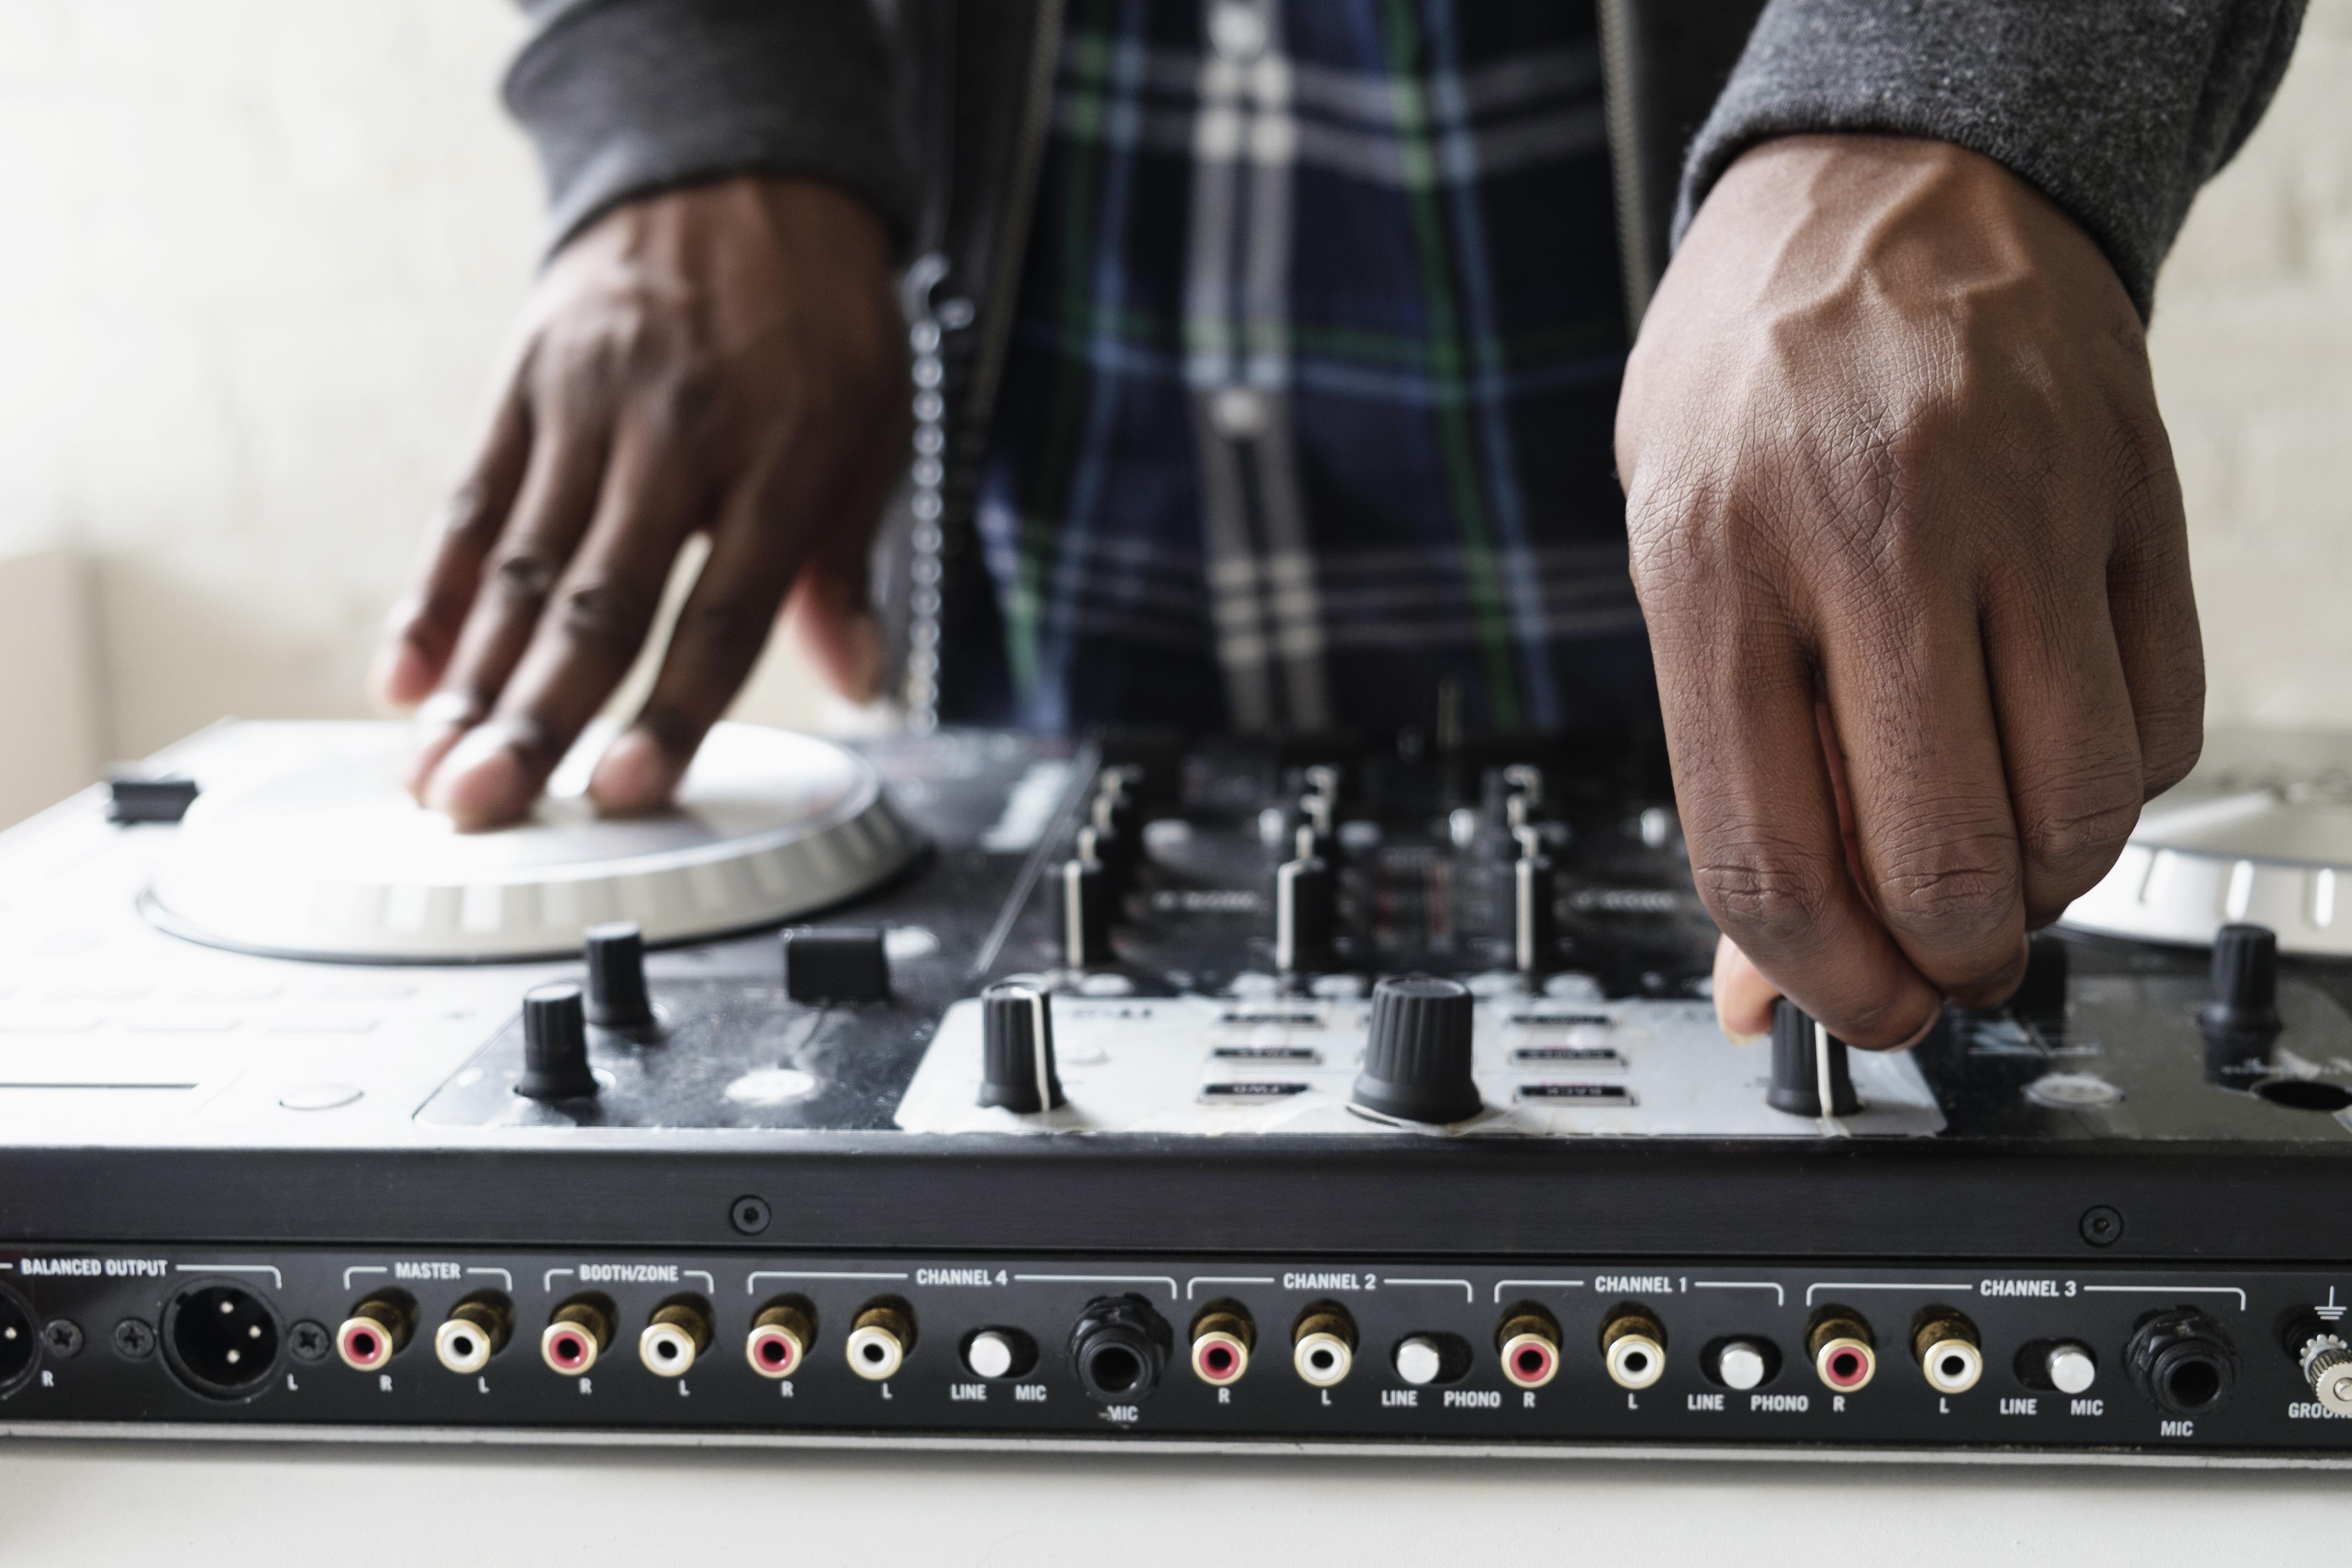 DJ using mixing desk, close up